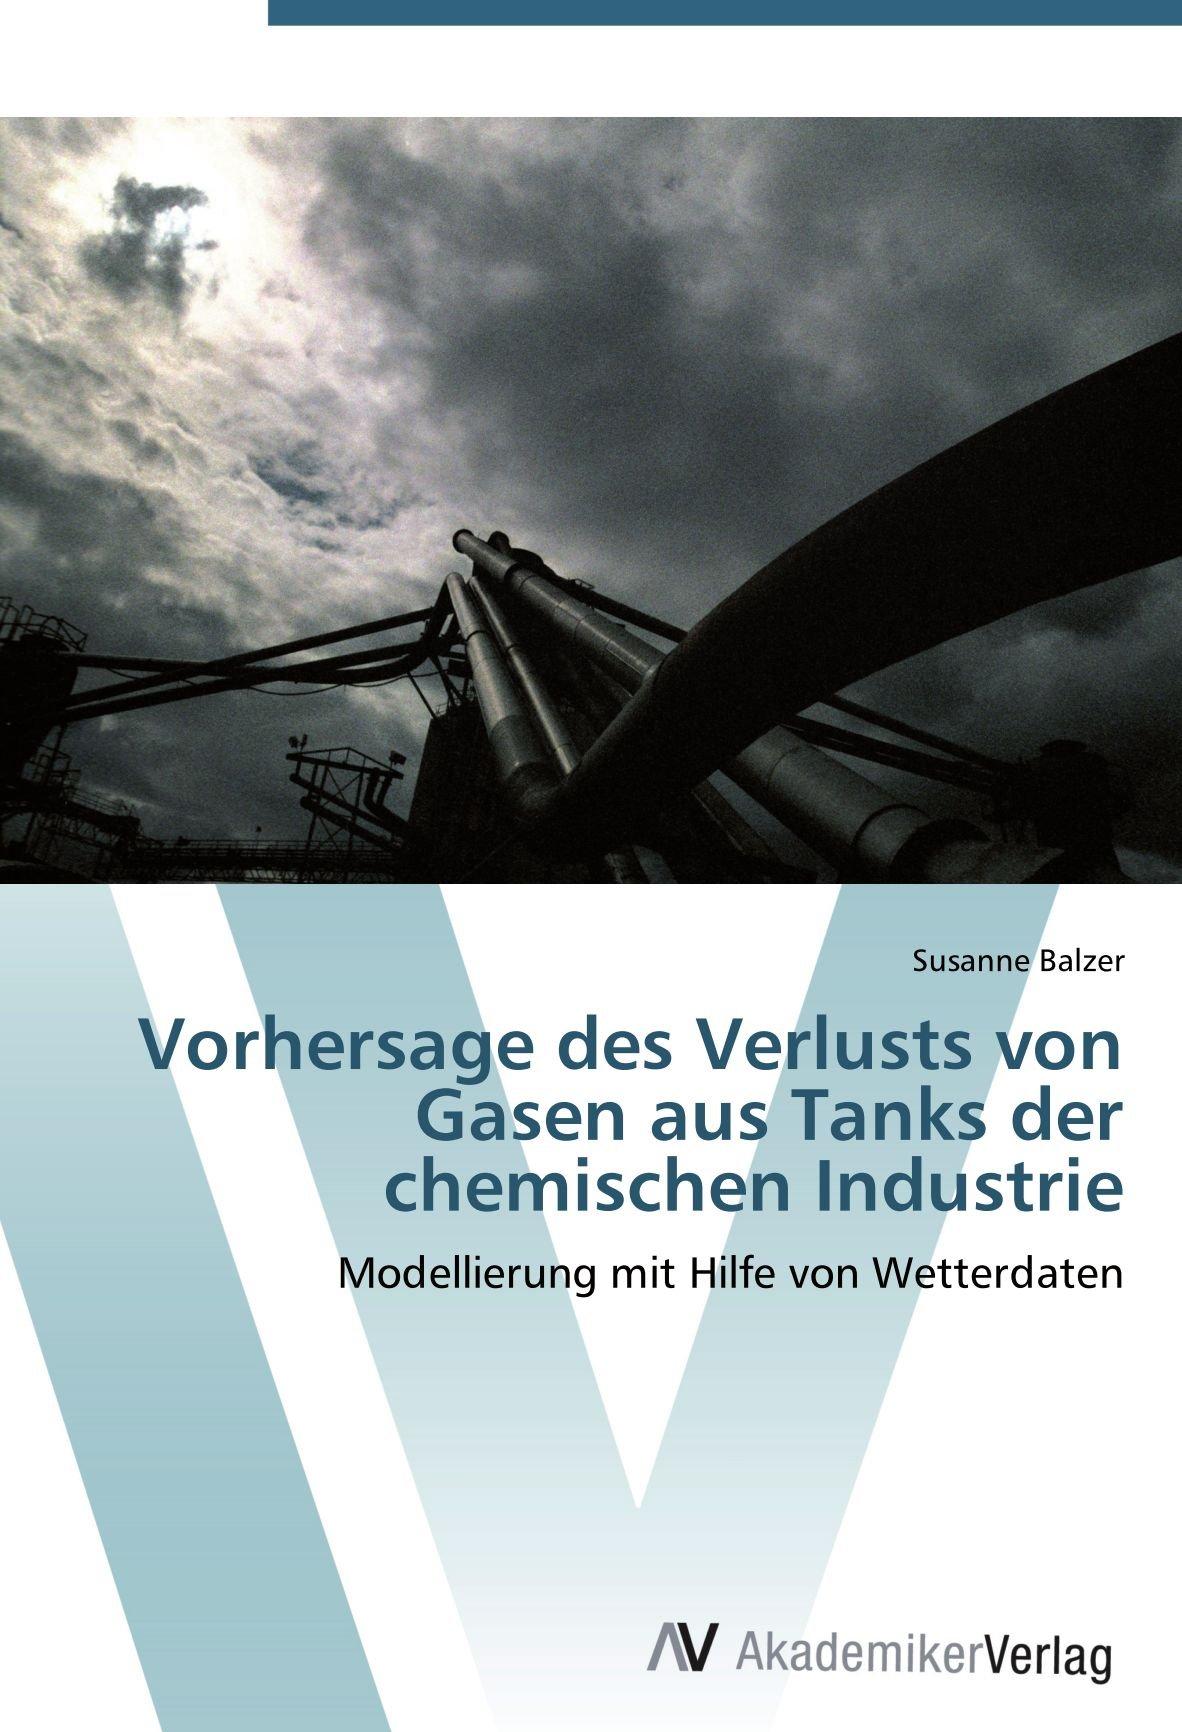 Download Vorhersage des Verlusts von Gasen aus Tanks der chemischen Industrie: Modellierung mit Hilfe von Wetterdaten (German Edition) ebook